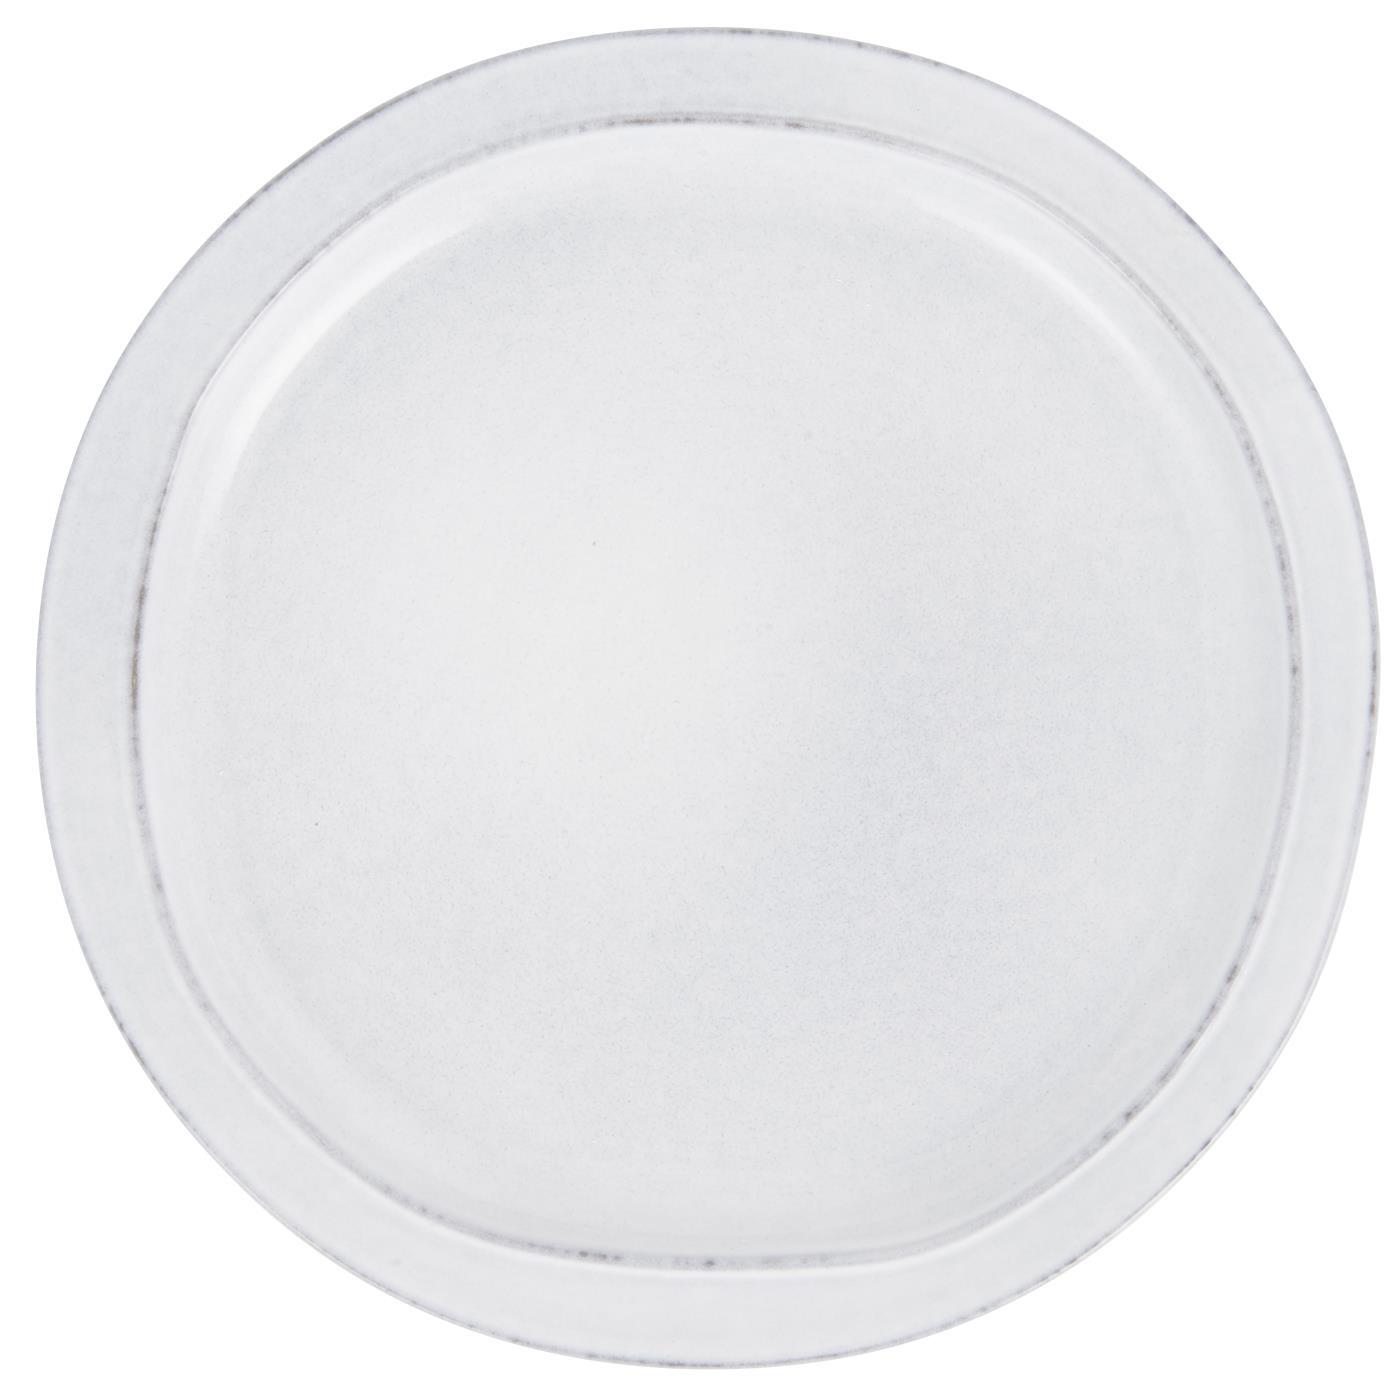 IB LAURSEN middagstallerken - gråt stentøj